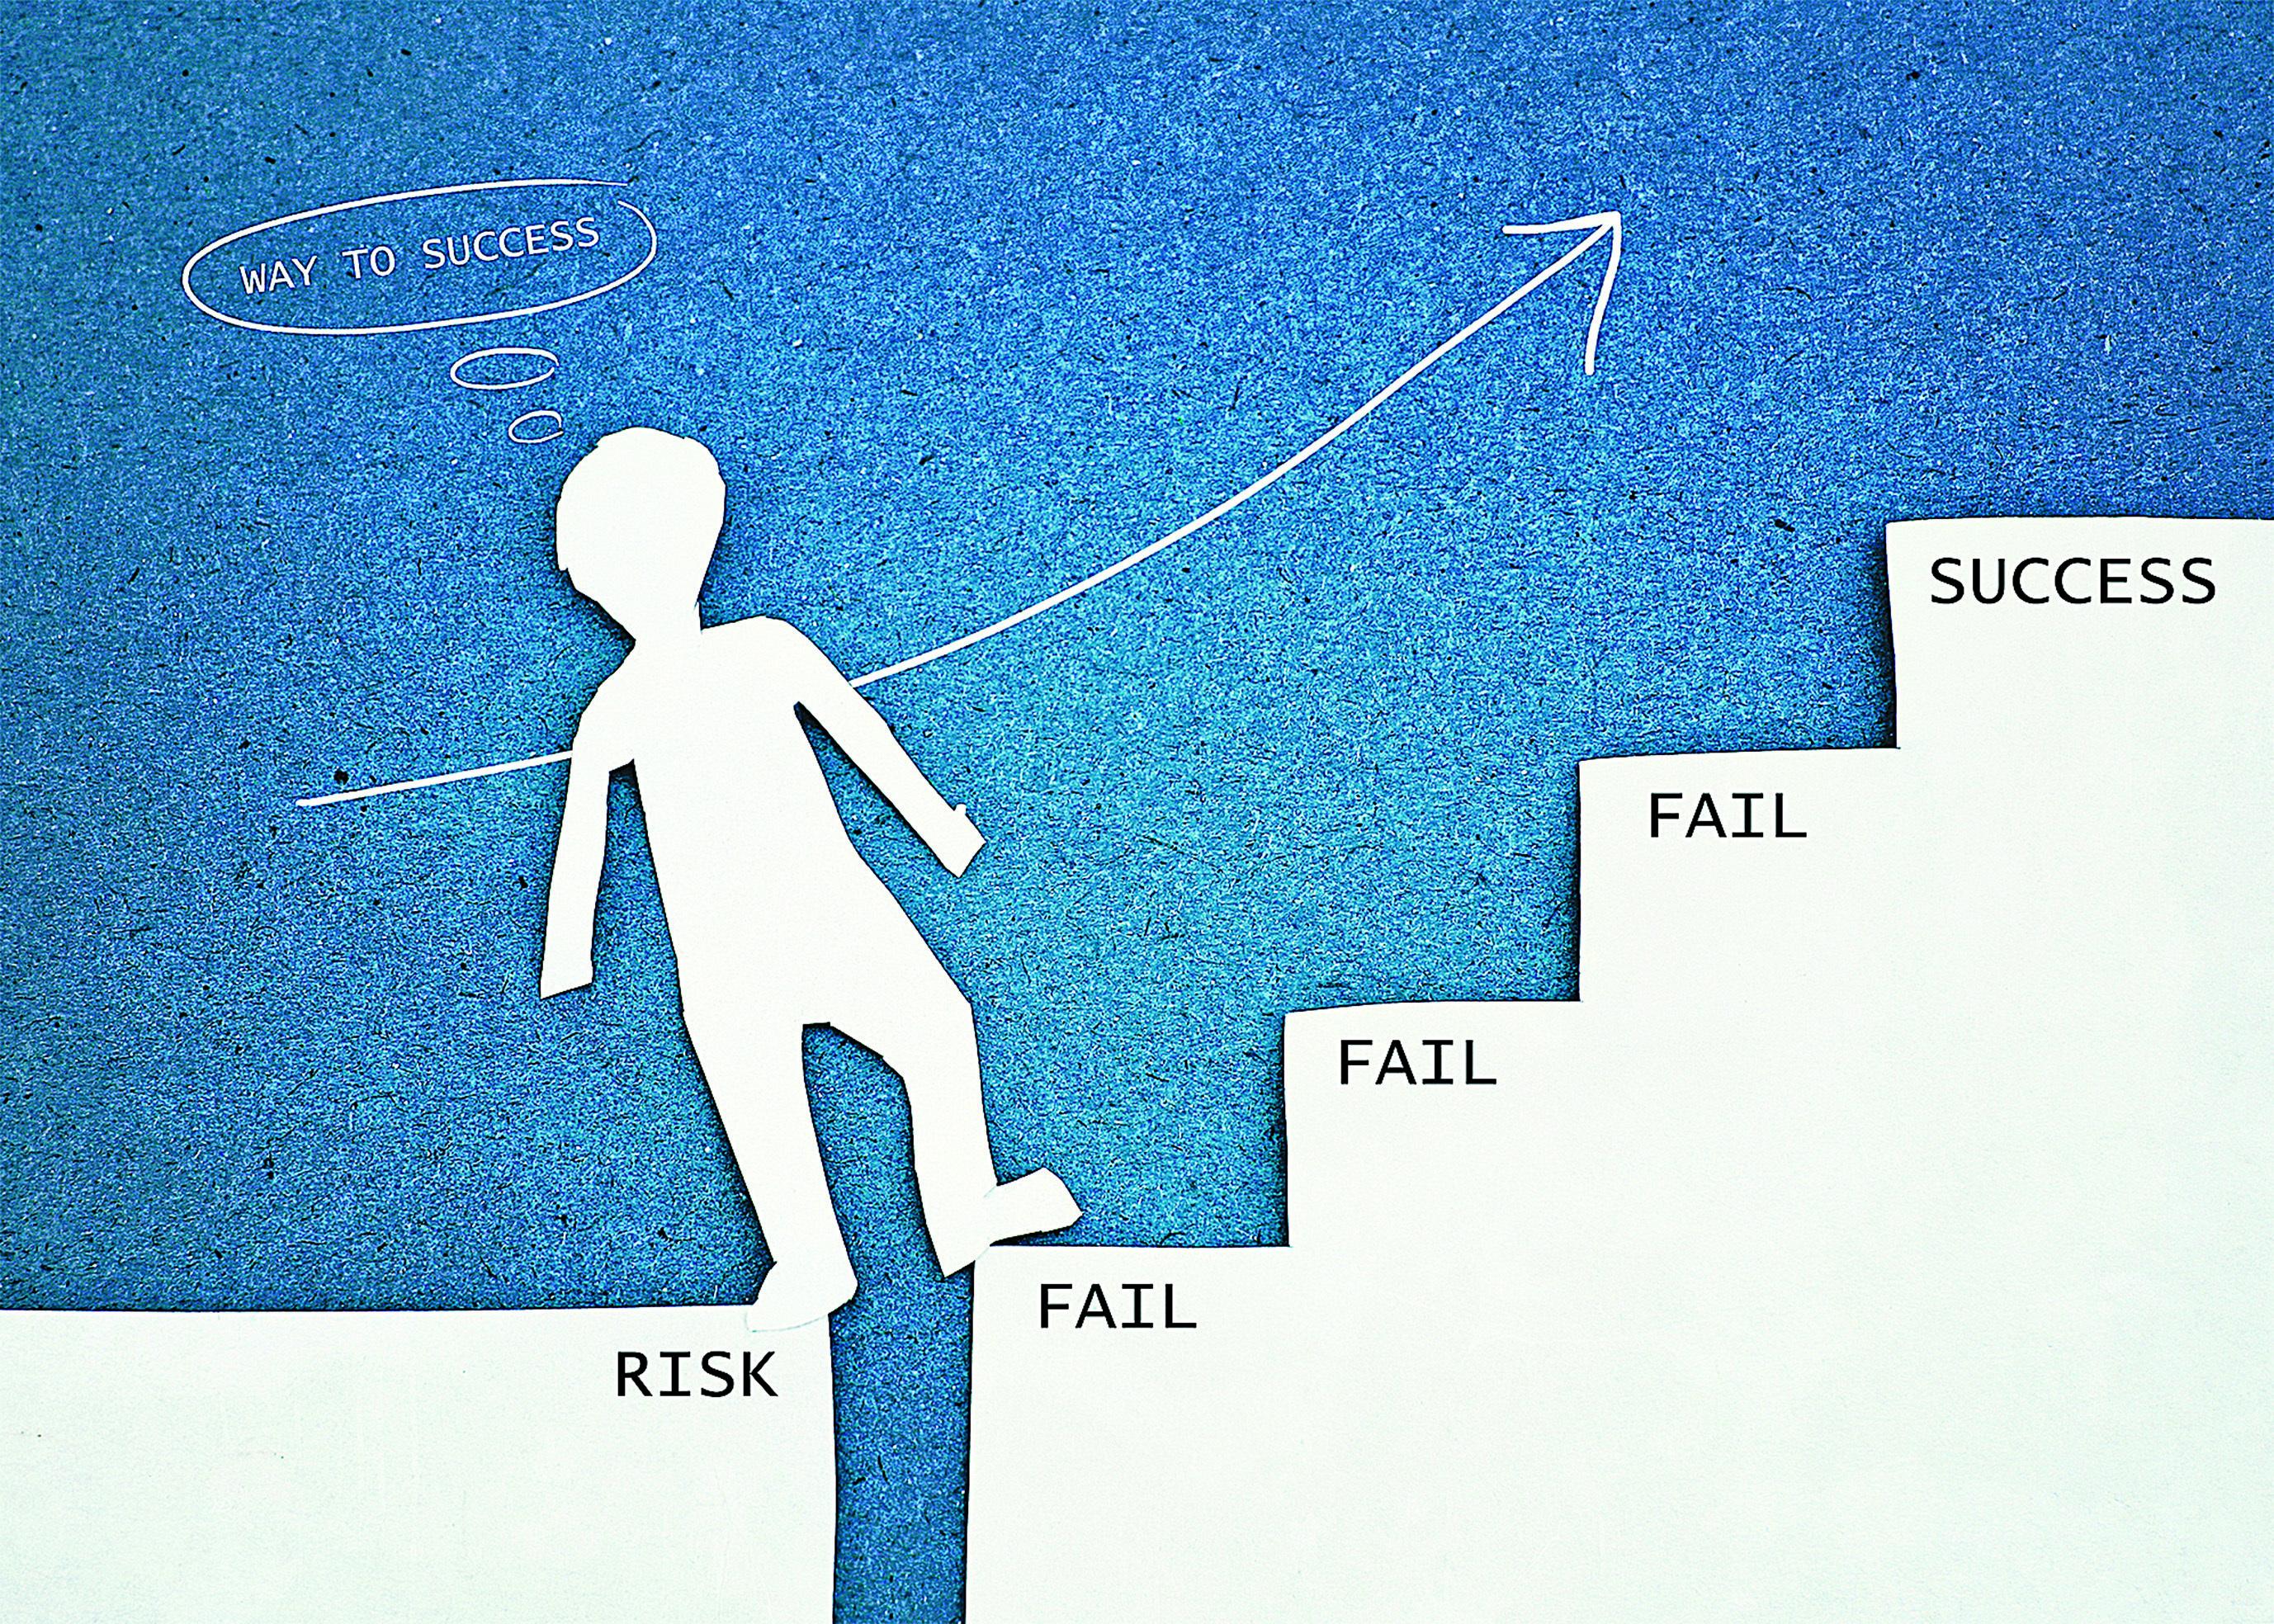 創業大潮退去 失敗多為人禍